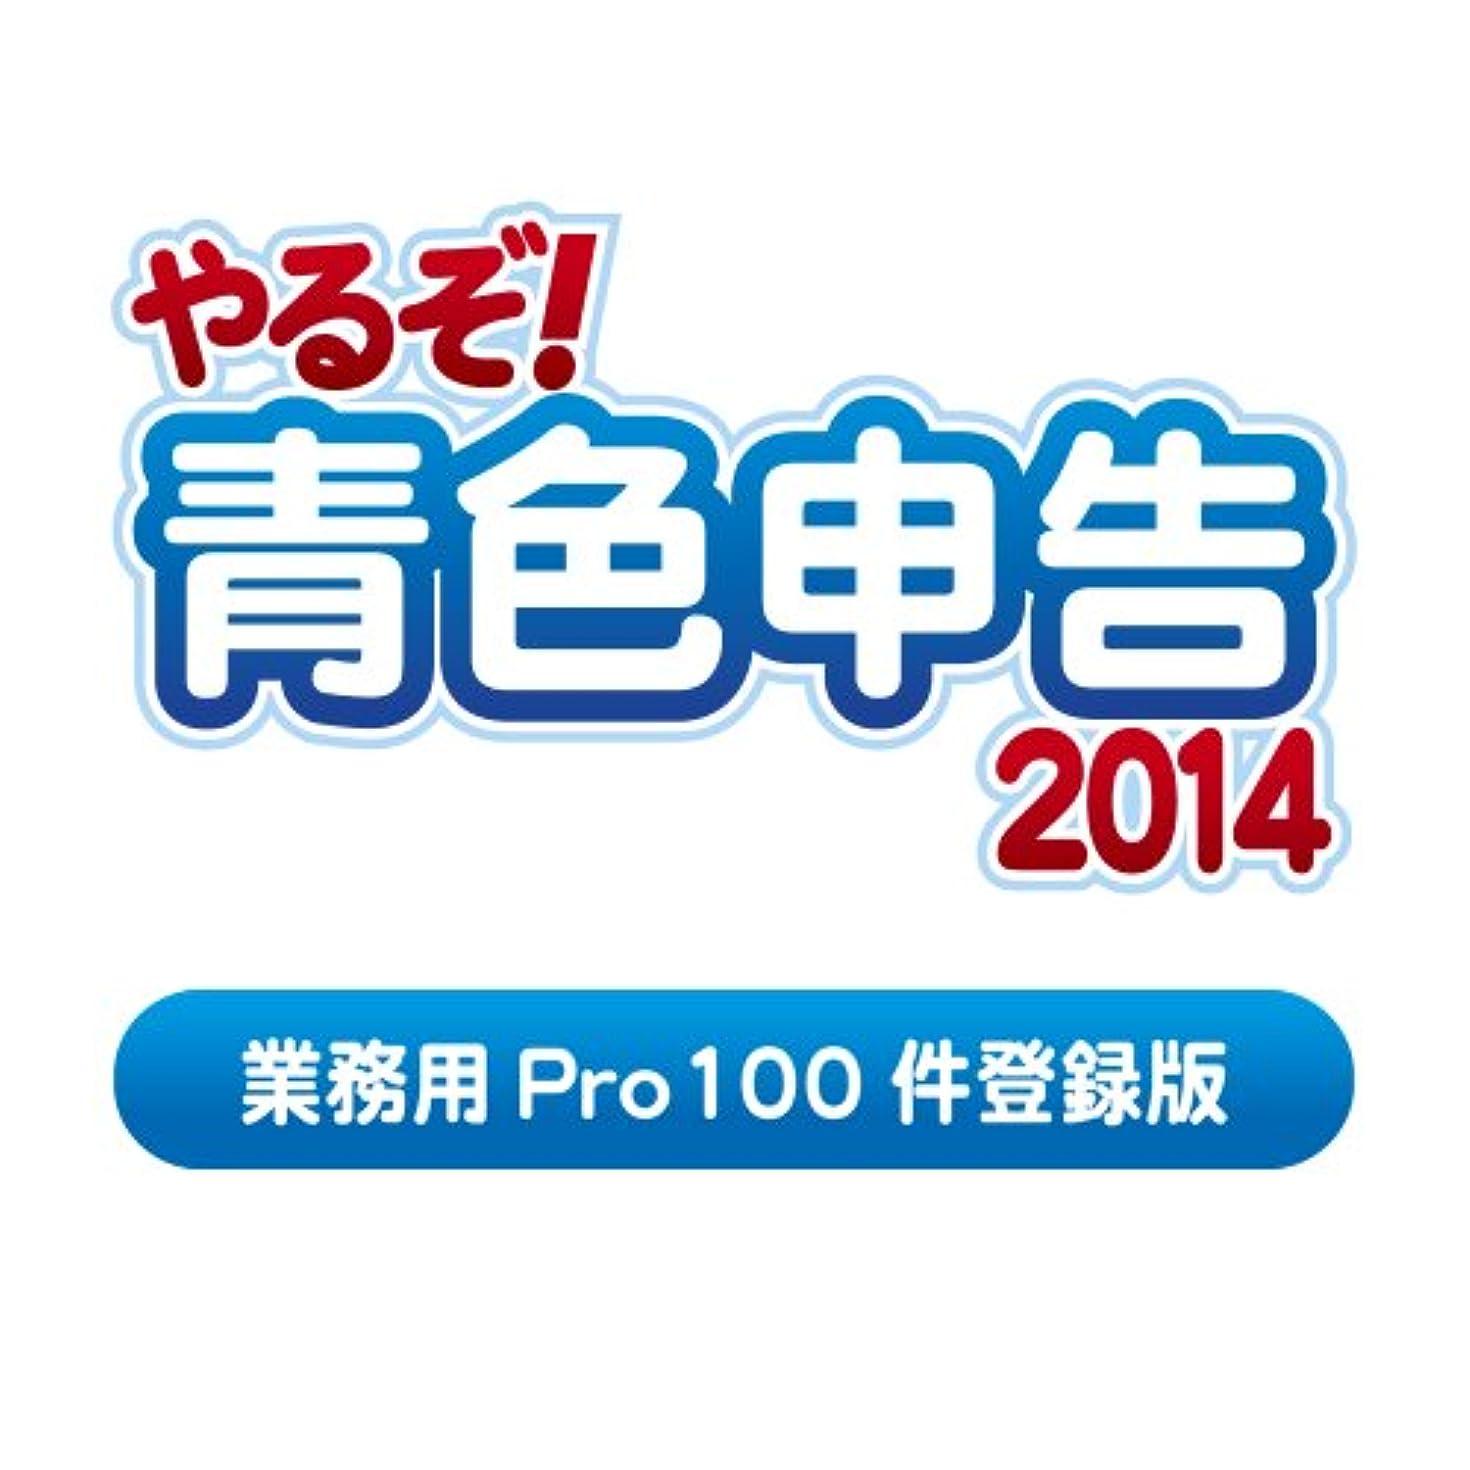 似ている衝動文字やるぞ! 青色申告2014 業務用Pro 100件登録版  for Win&Mac